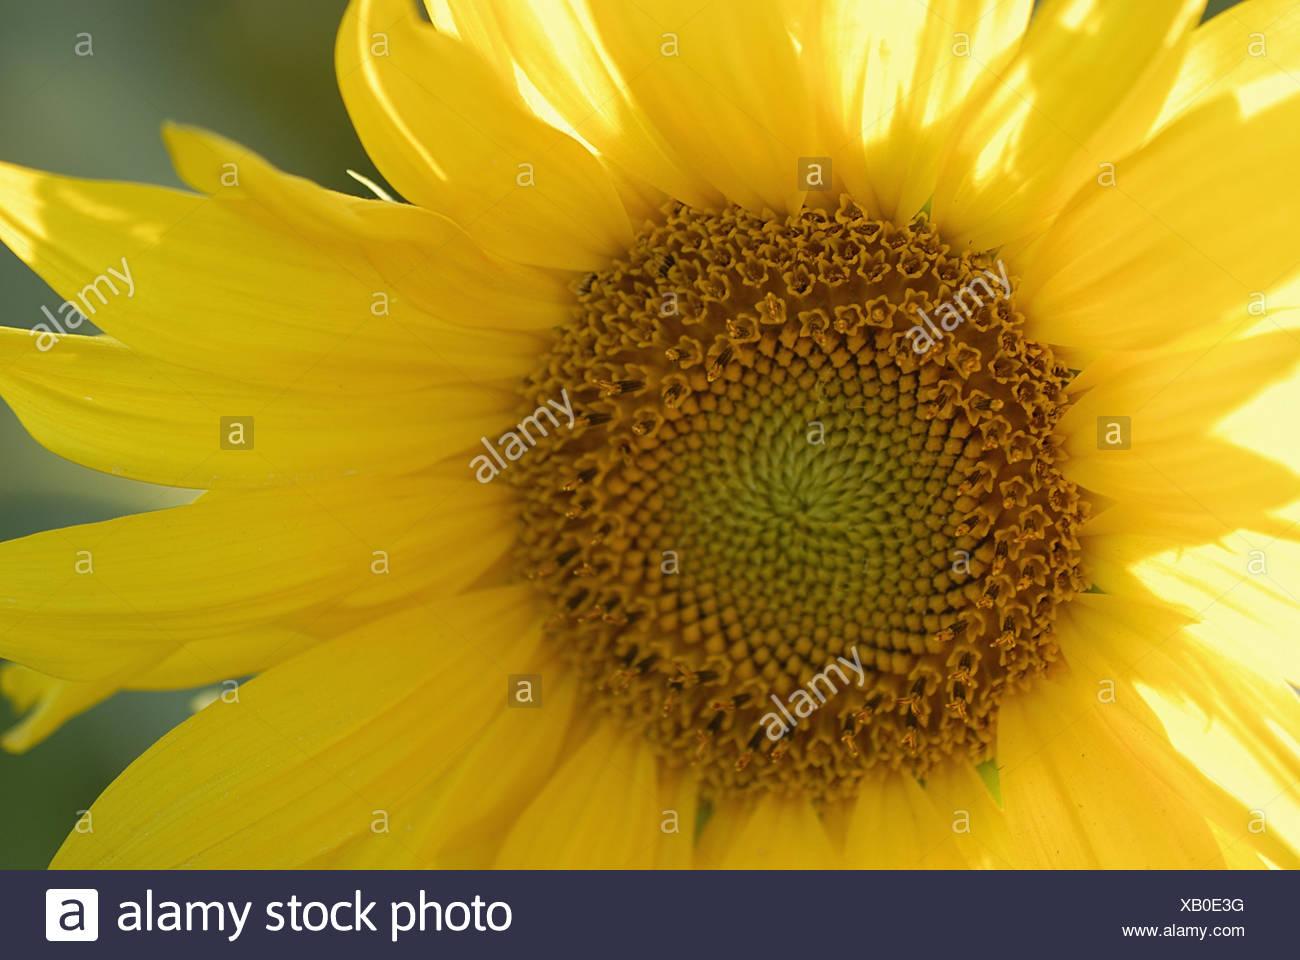 sunflower 1- sonnenblume 1 - Stock Image